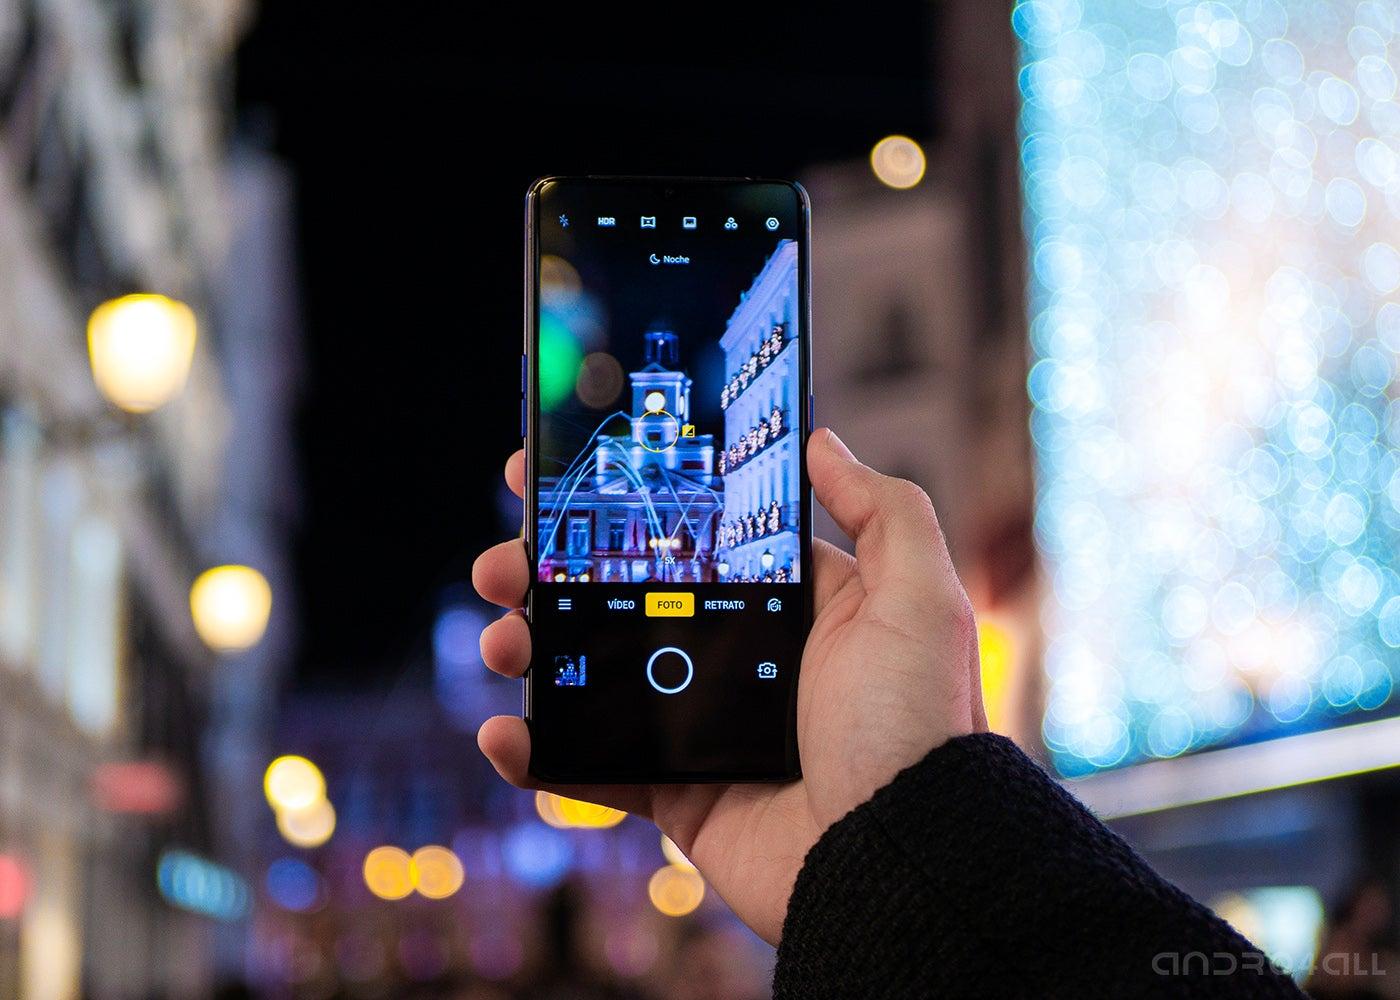 Realme X2 Pro camera